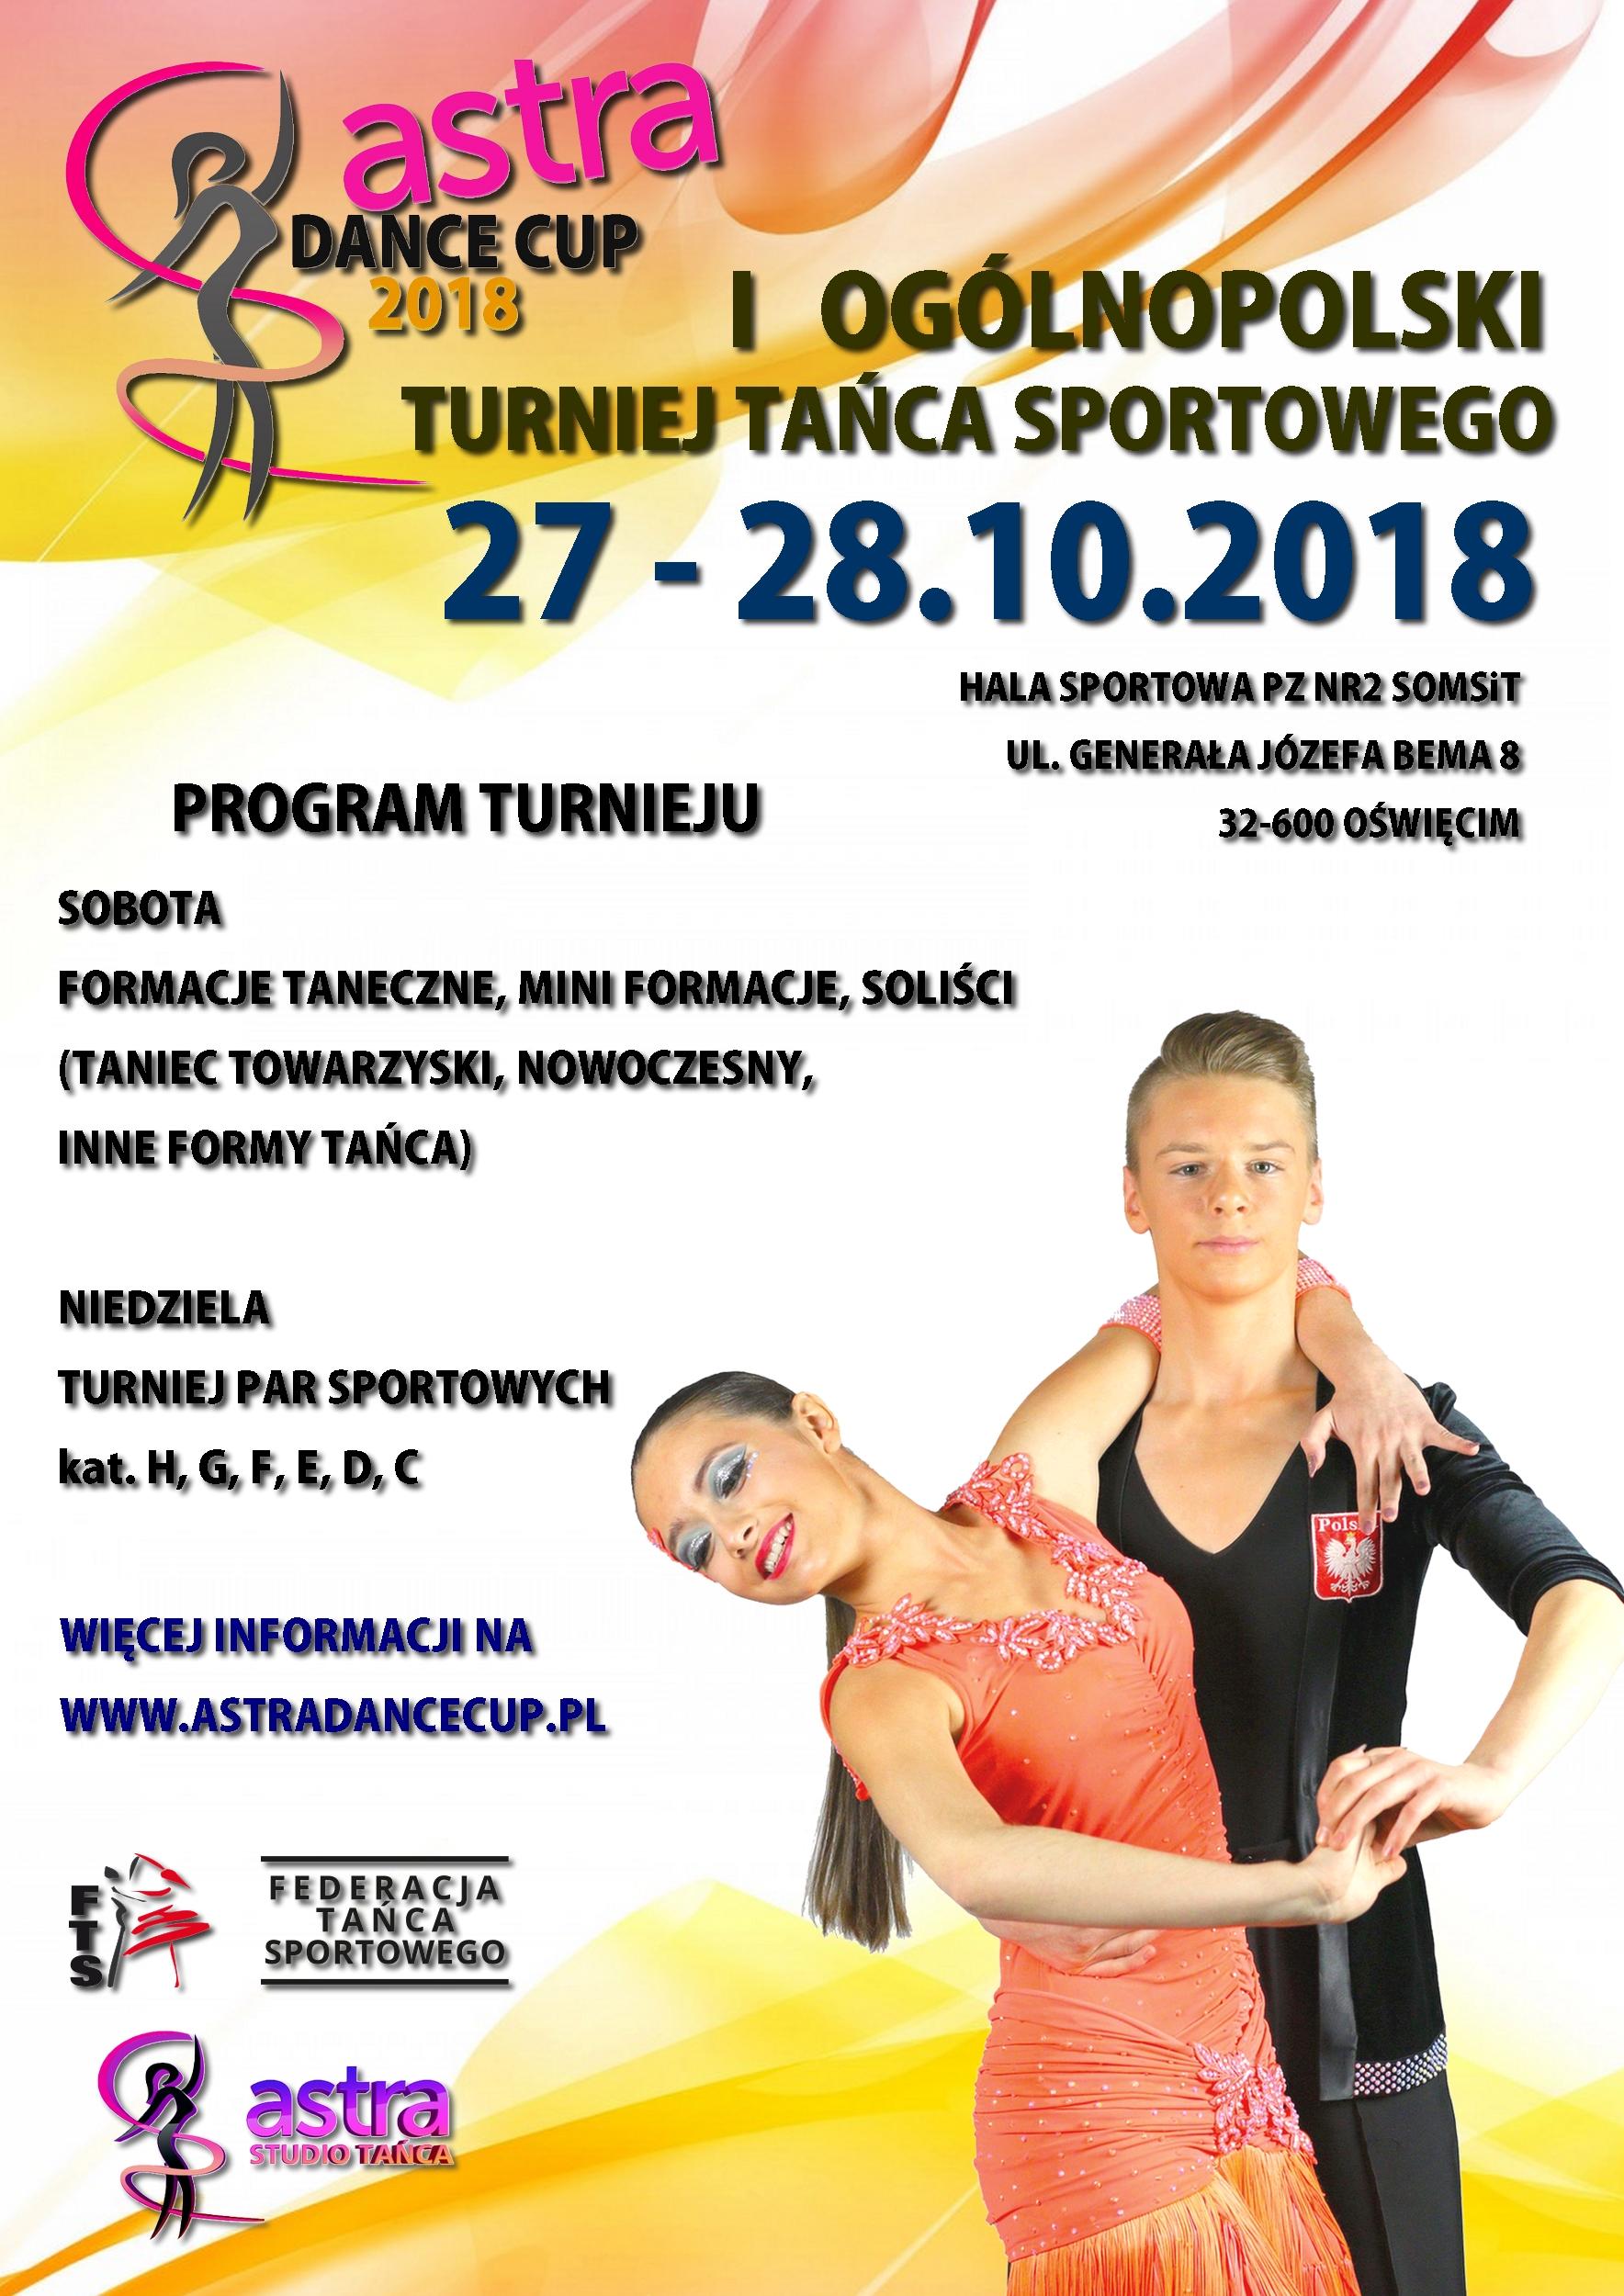 I Ogólnopolski Turniej Tańca Sportowego Astra Dance Cup 2018